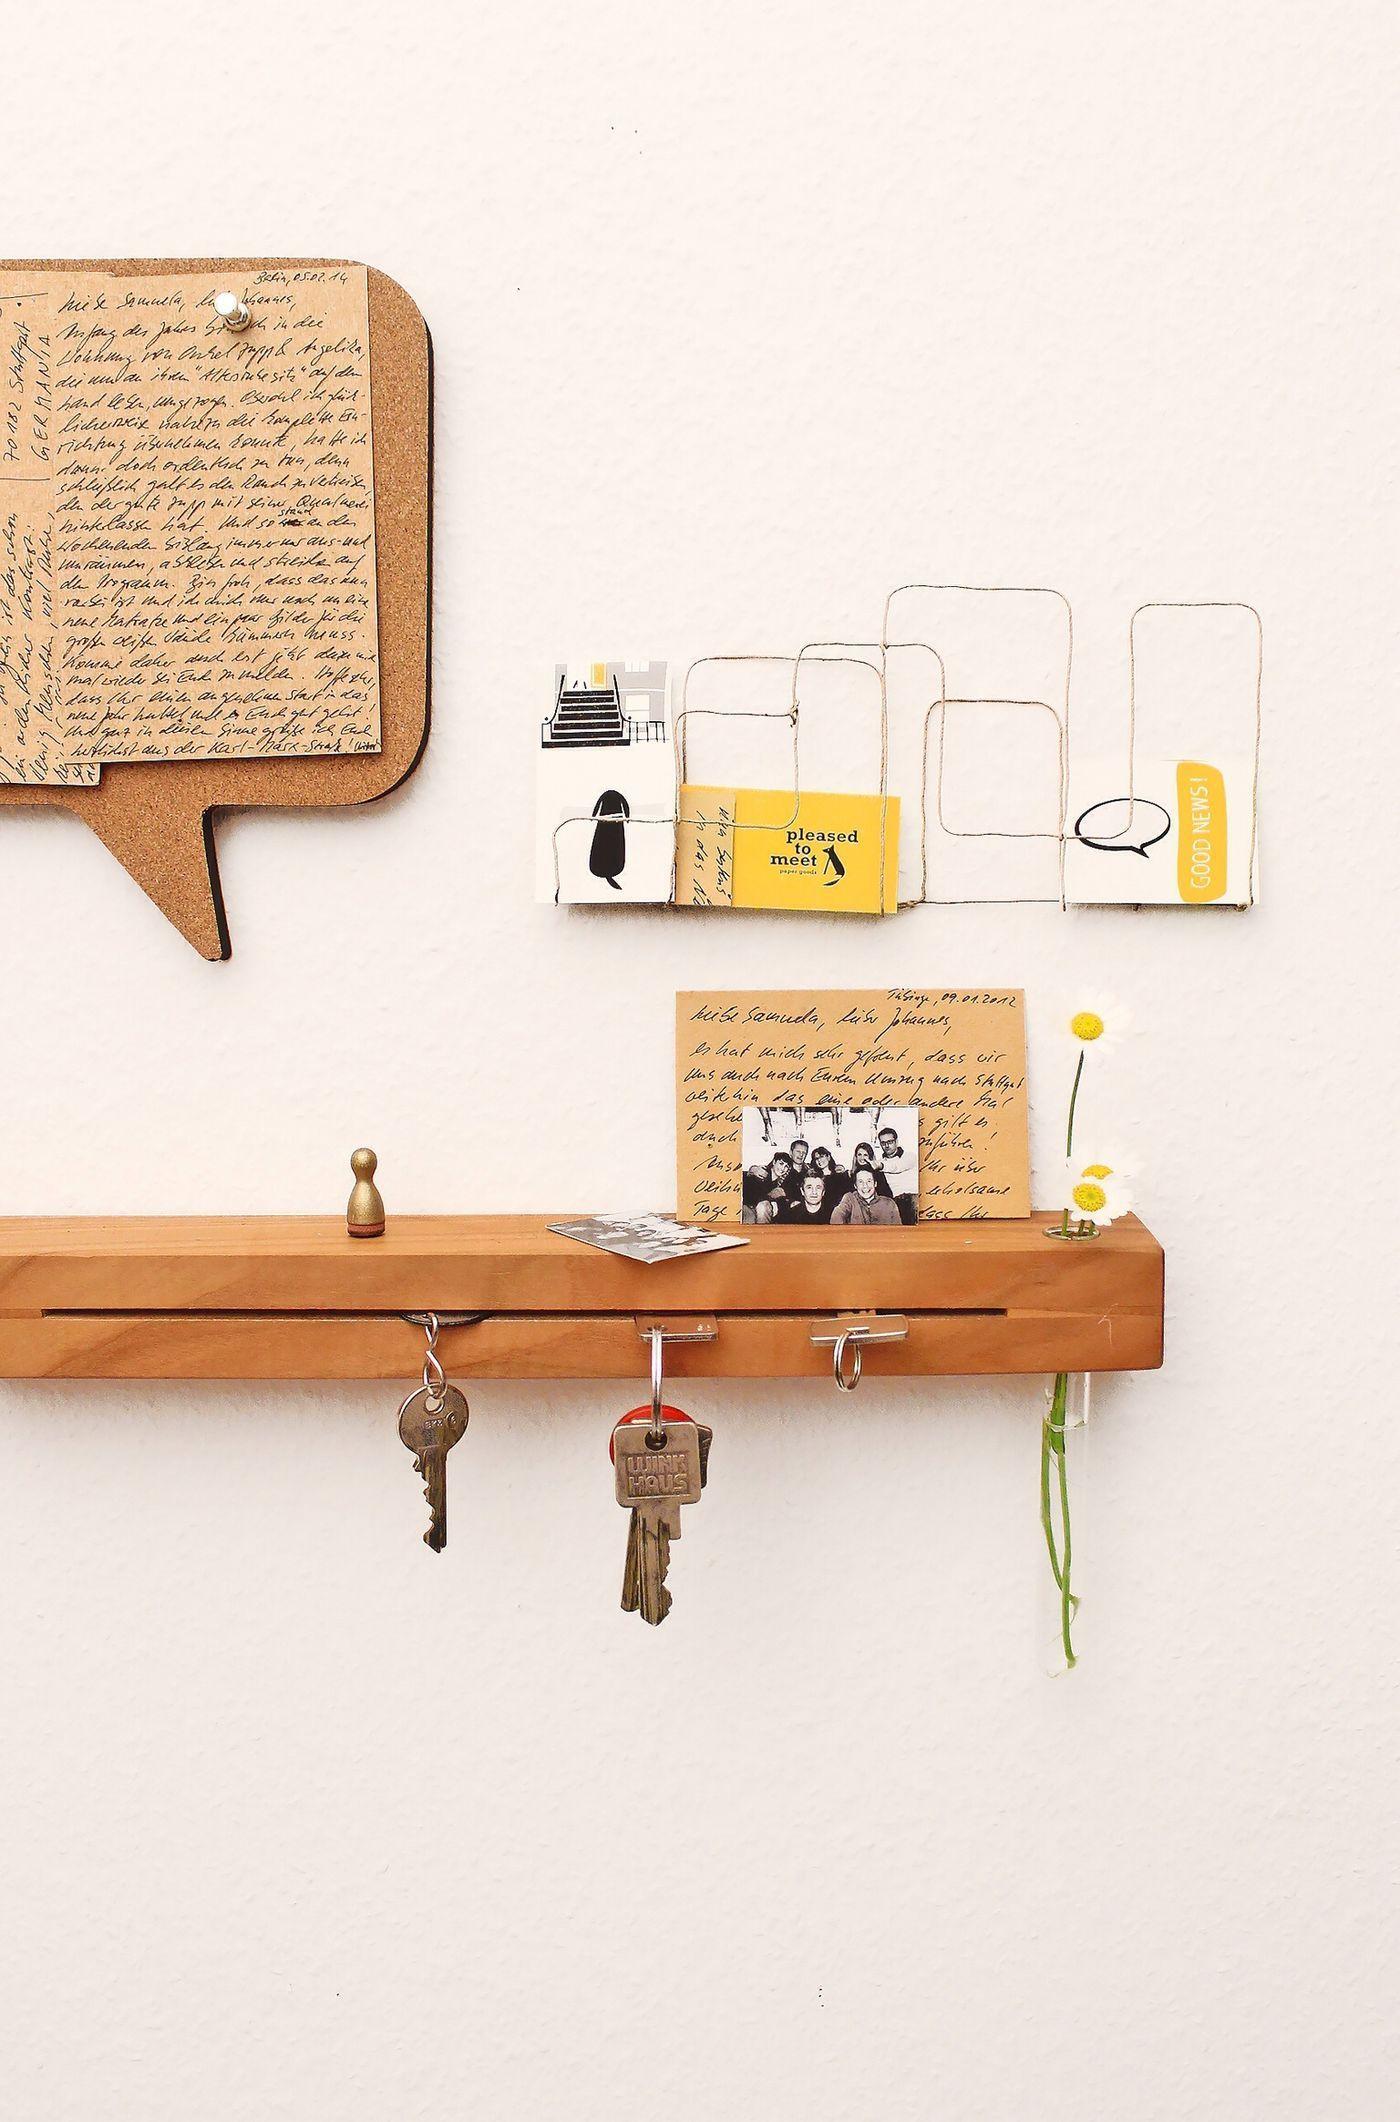 Ungewöhnlich Draht Möbel Fotos - Elektrische Schaltplan-Ideen ...